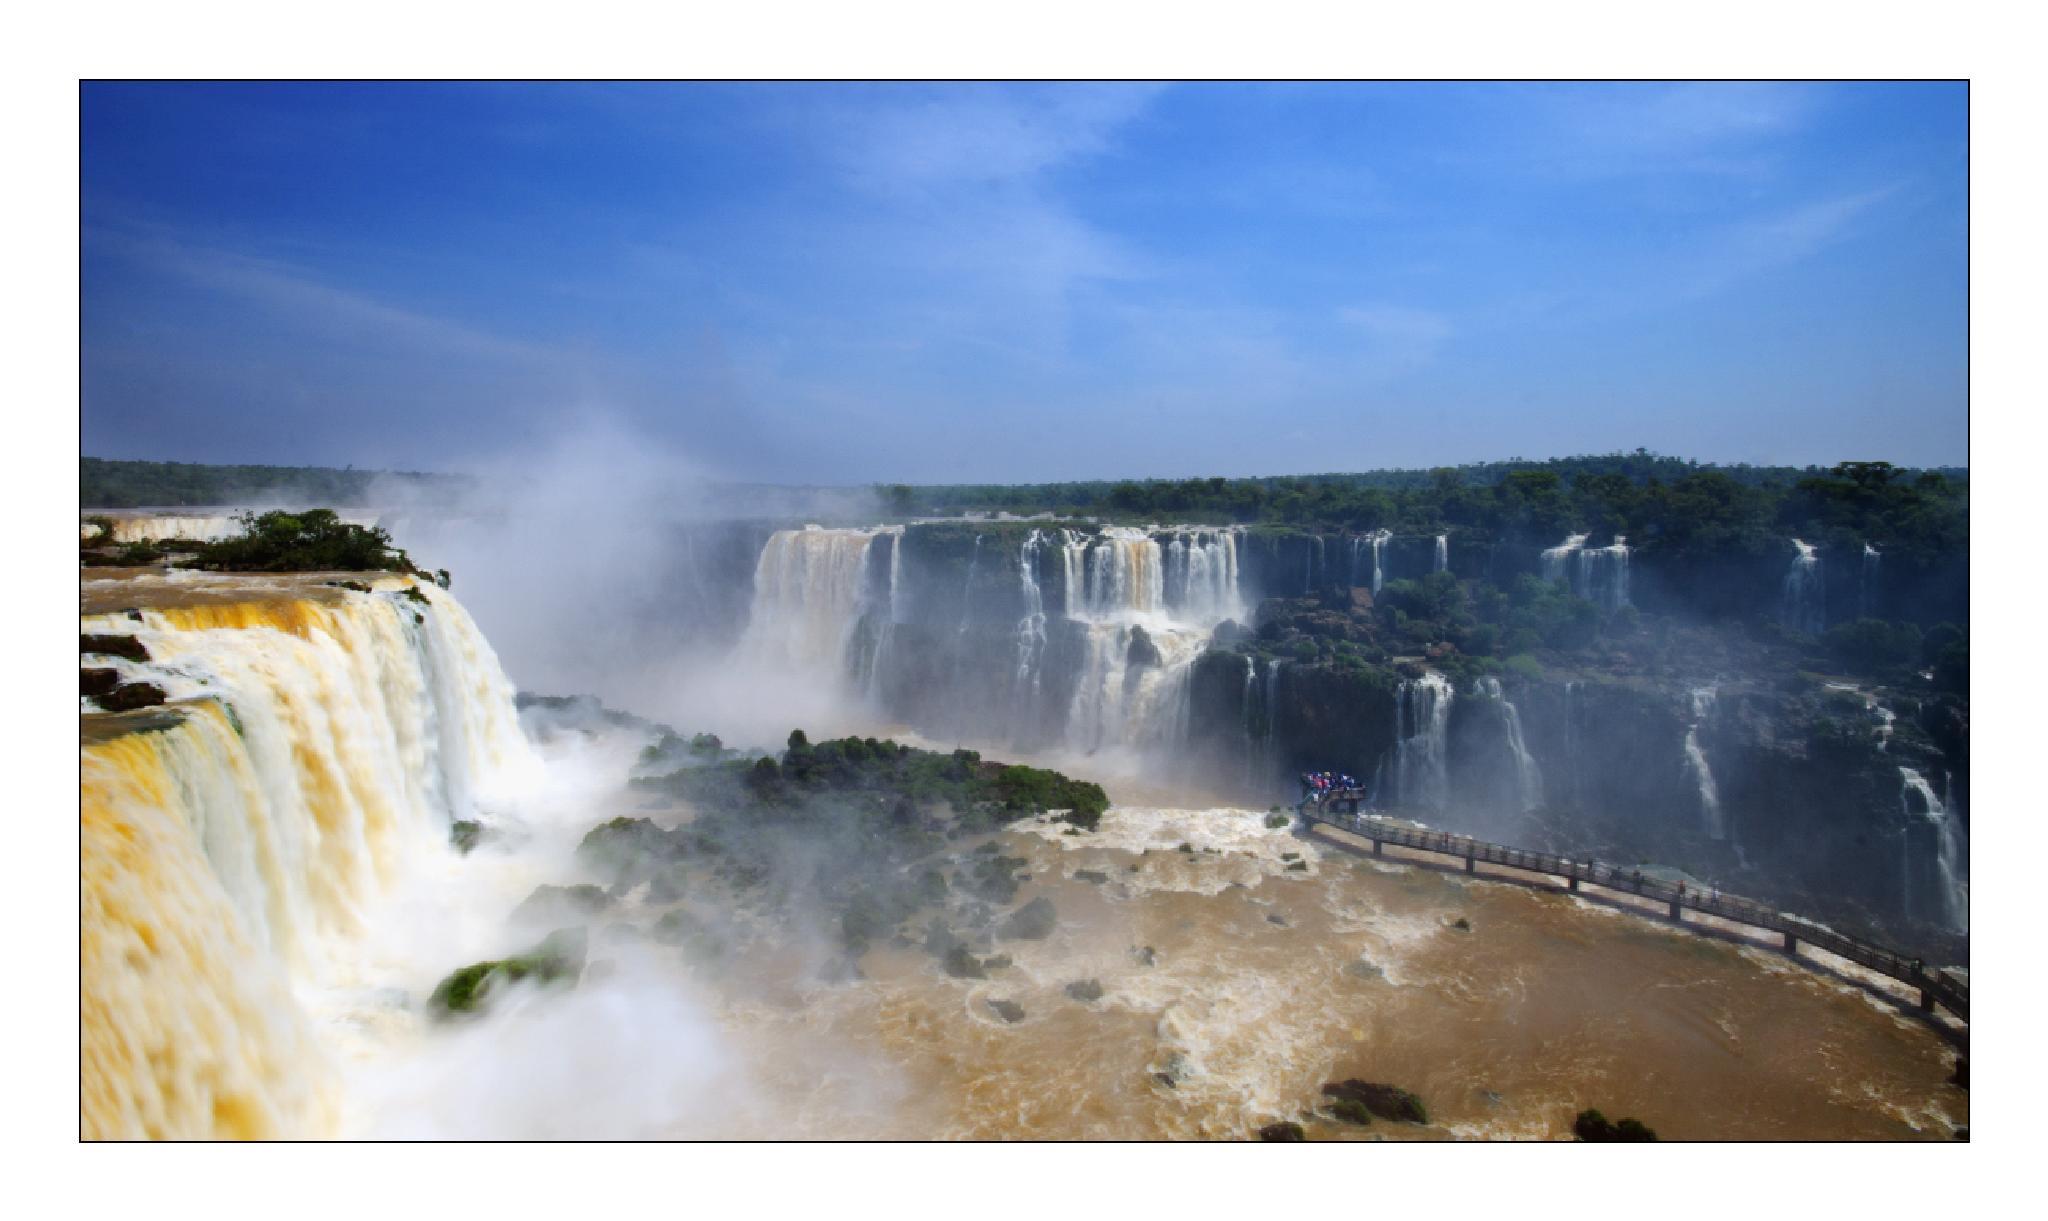 Iguaçu Falls by antónio marciano